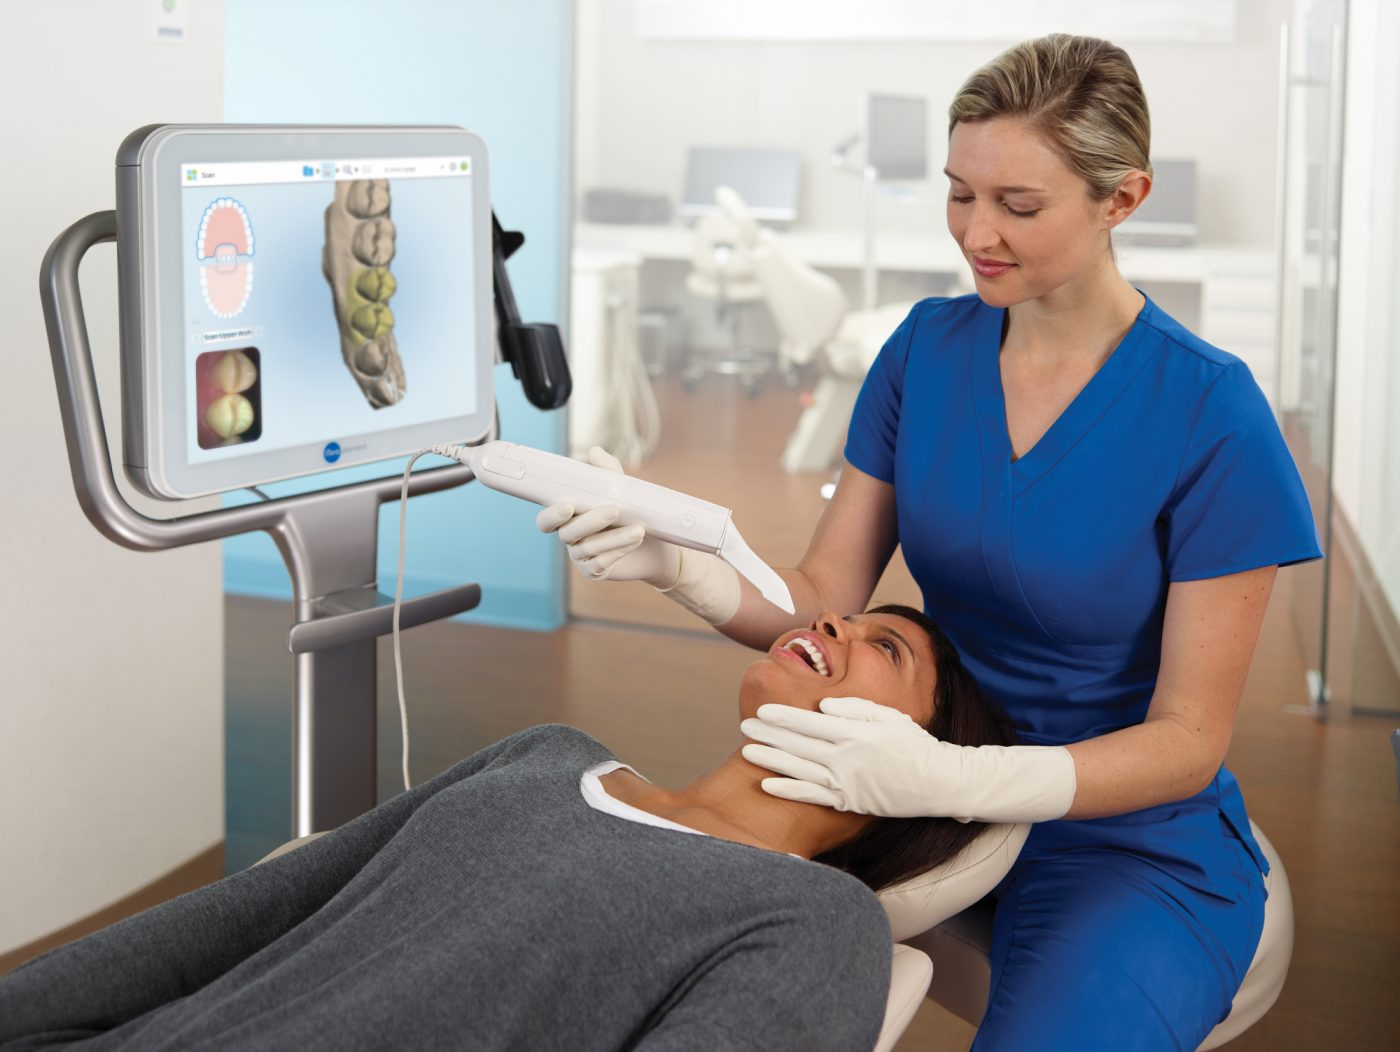 Assistant Scanning Patient